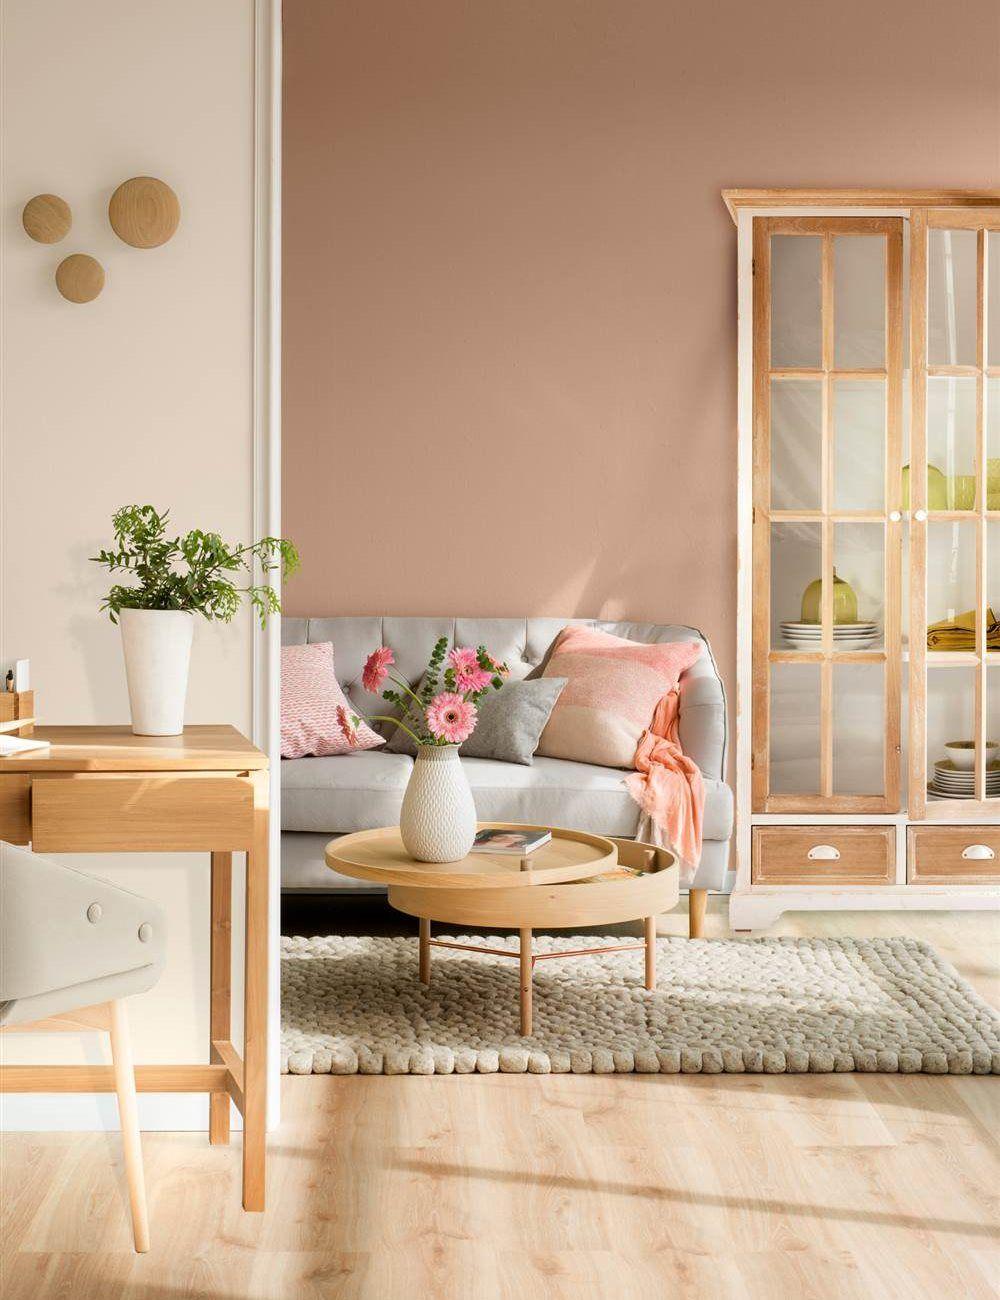 Sabes Combinar Bien Los Colores Colores De Interiores Decoracion De Interiores Interiores De Casa